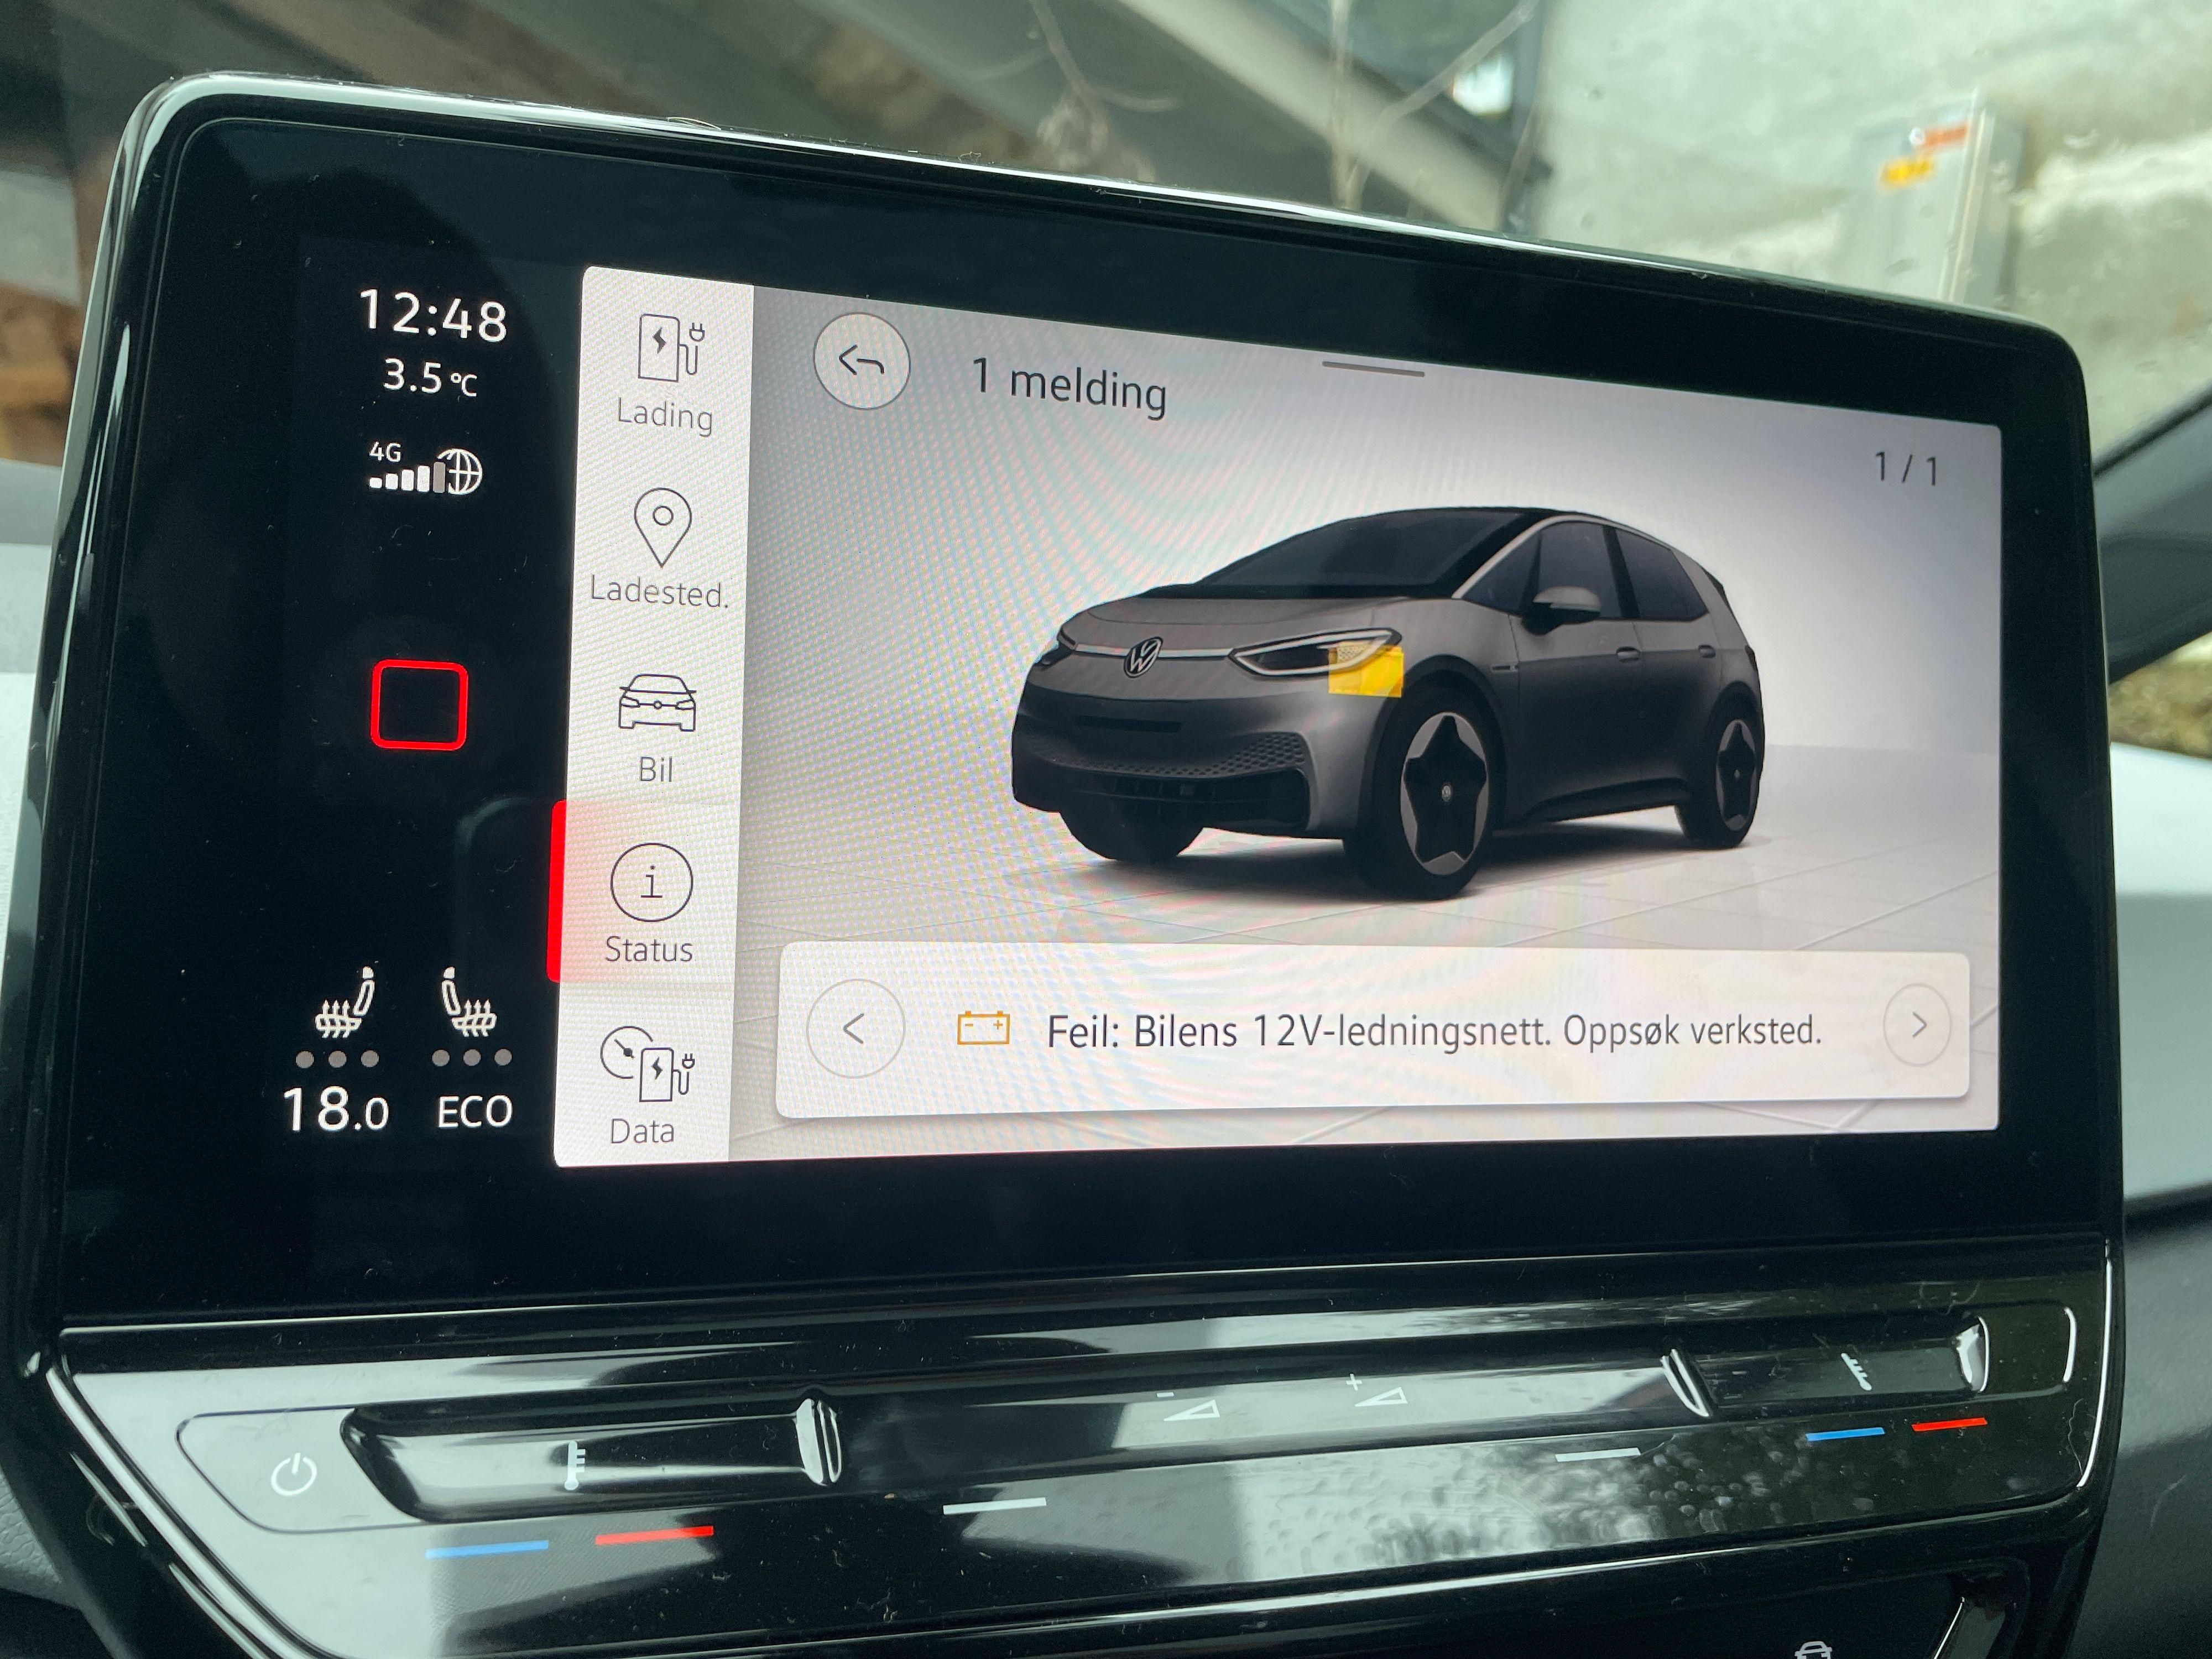 Antakeligvis er 12V-batteriet dødt etter lang ståtid i Tyskland. Det er i hvert fall det flere ID.3-brukere i bilgrupper på Facebook mener.